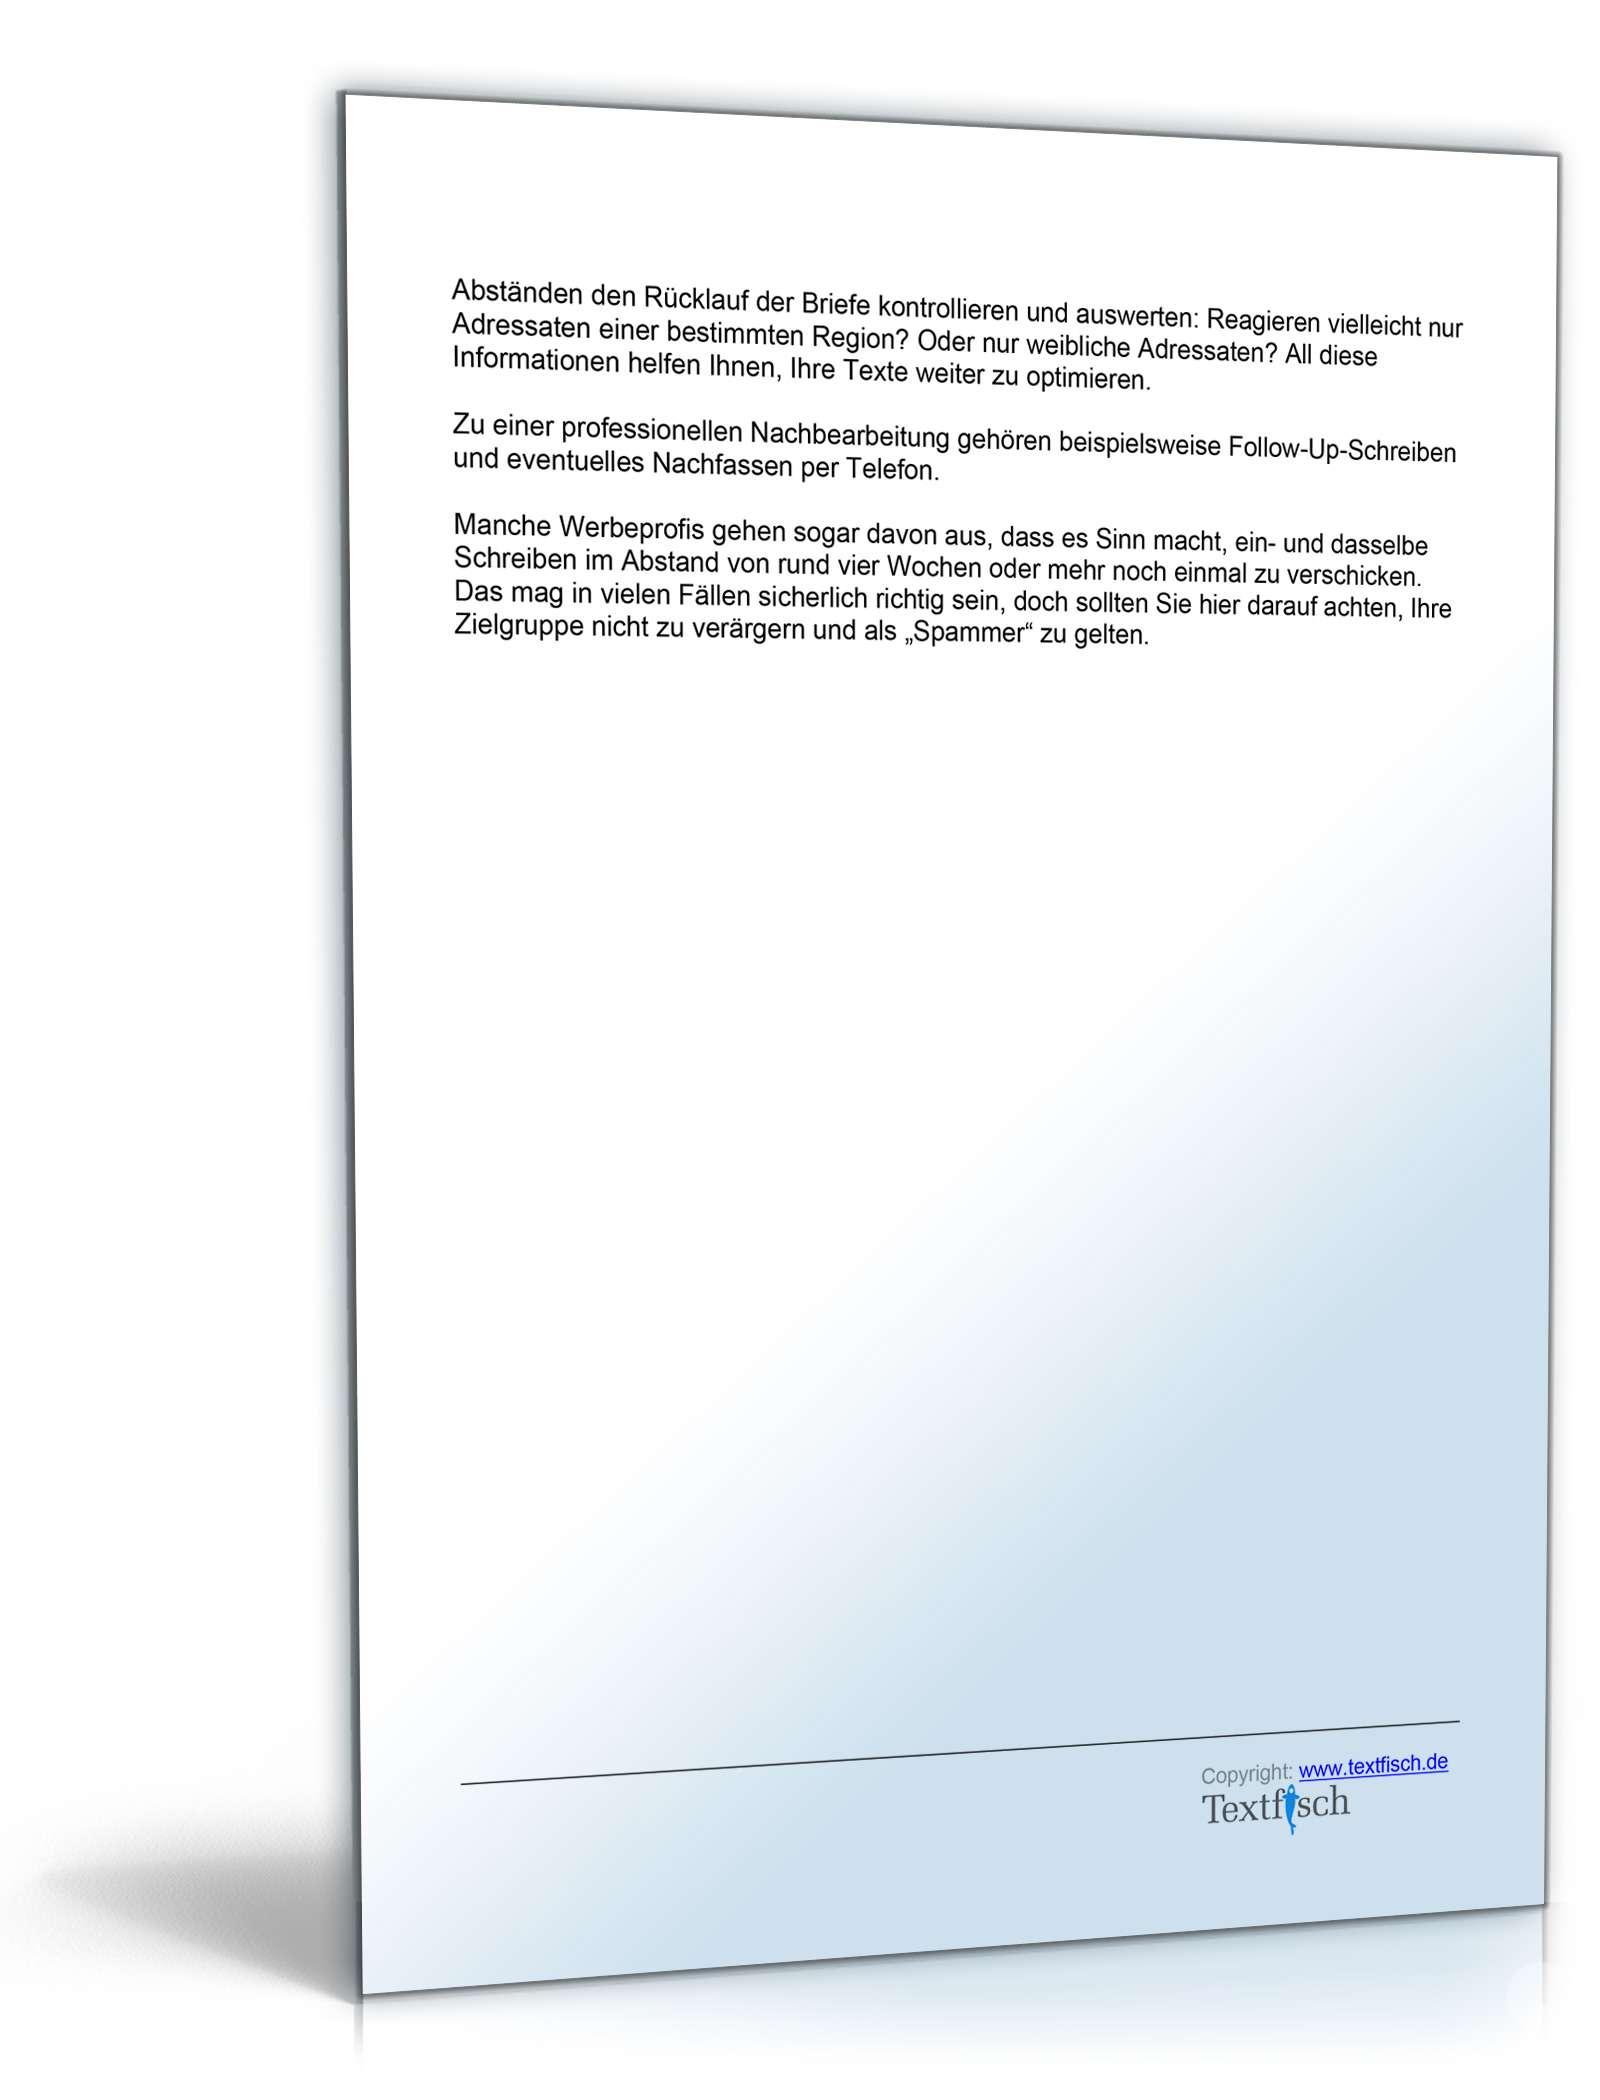 Ausgezeichnet Sponsoring Vereinbarung Vorlage Ideen - Bilder für das ...